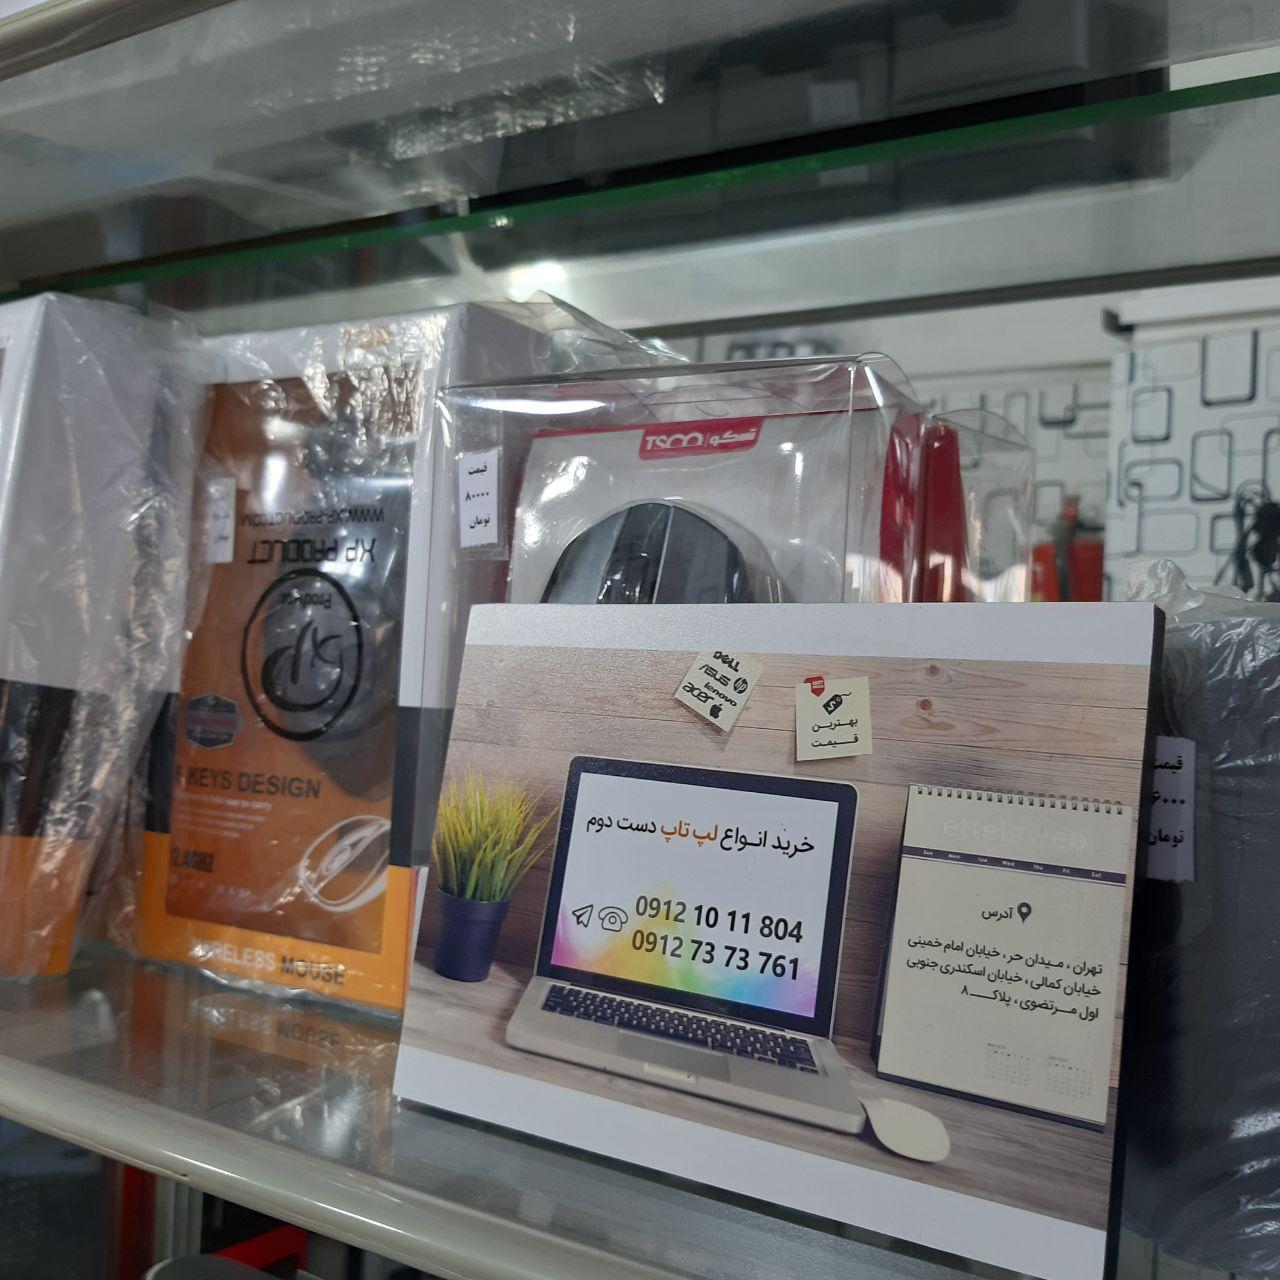 خریدار لپتاپ ایسوس دست دوم به قیمت مناسب در تهران